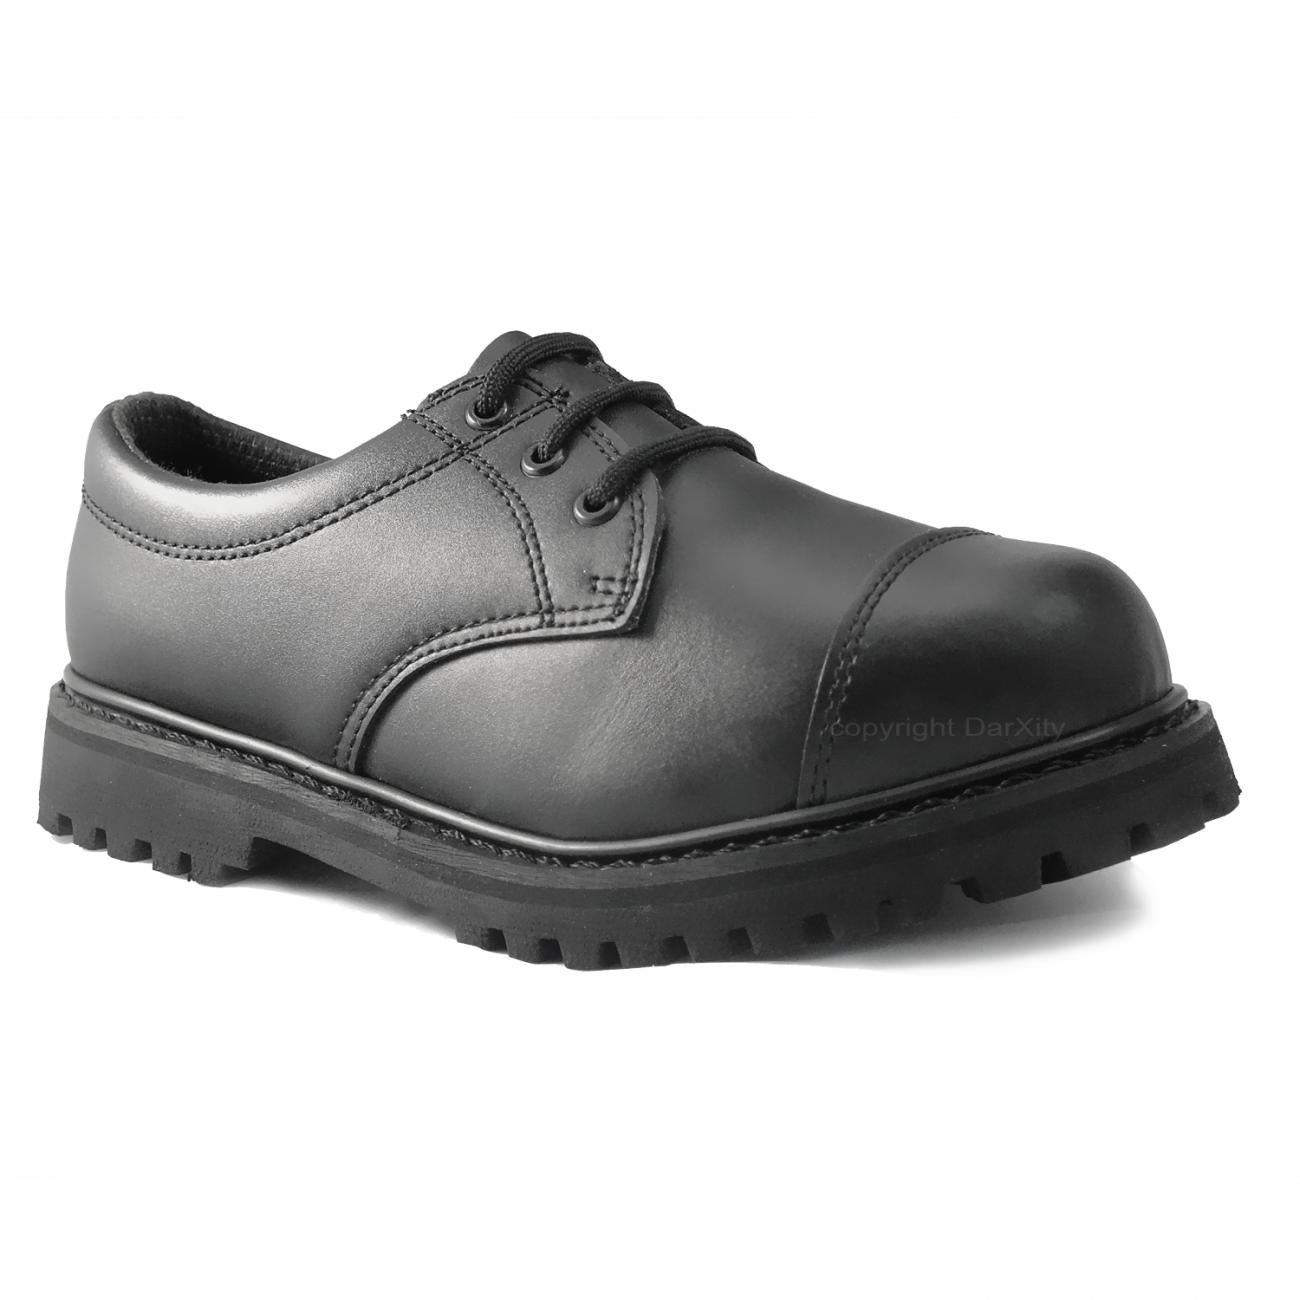 3 LOCH RANGER, schwarze Stiefel Stiefel Stiefel von Brandit mit Stahlkappe Gothic Springerstiefel bd667f